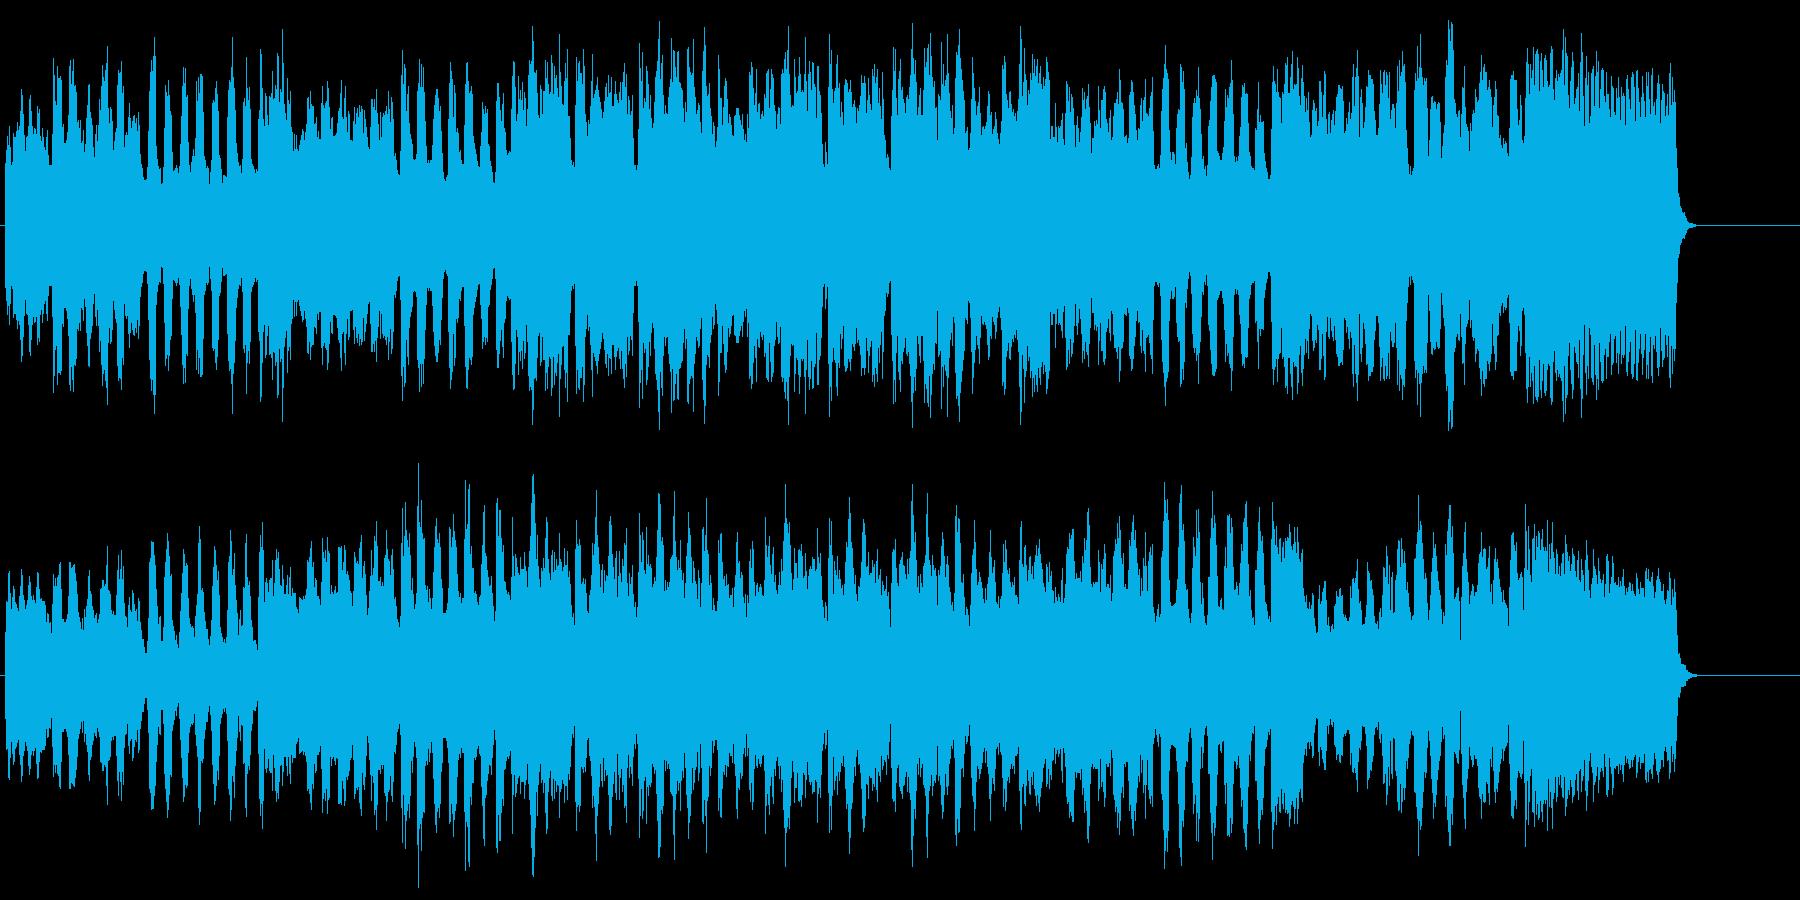 宮殿 皇室 名誉 栄光 ブライダル 幸福の再生済みの波形